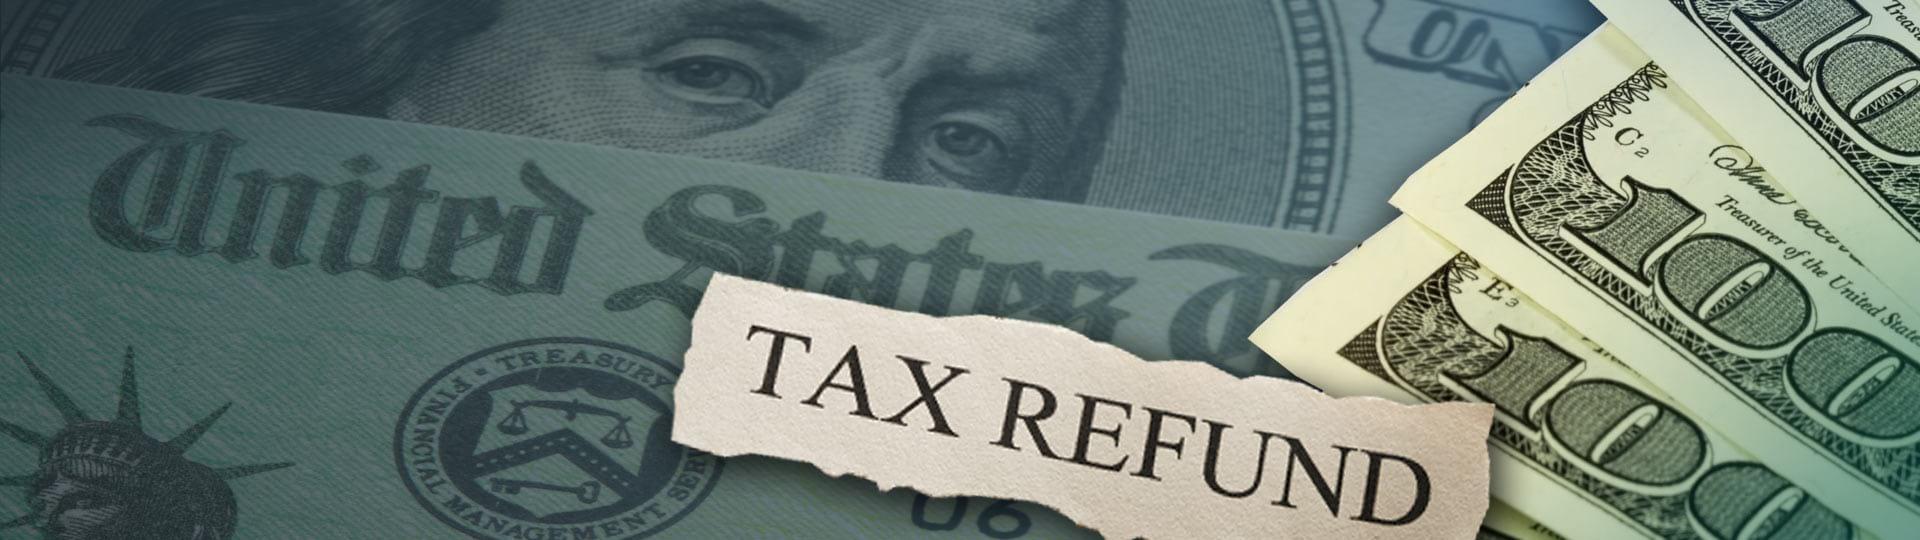 US Canada Tax Services  | Tax Doctors Canada